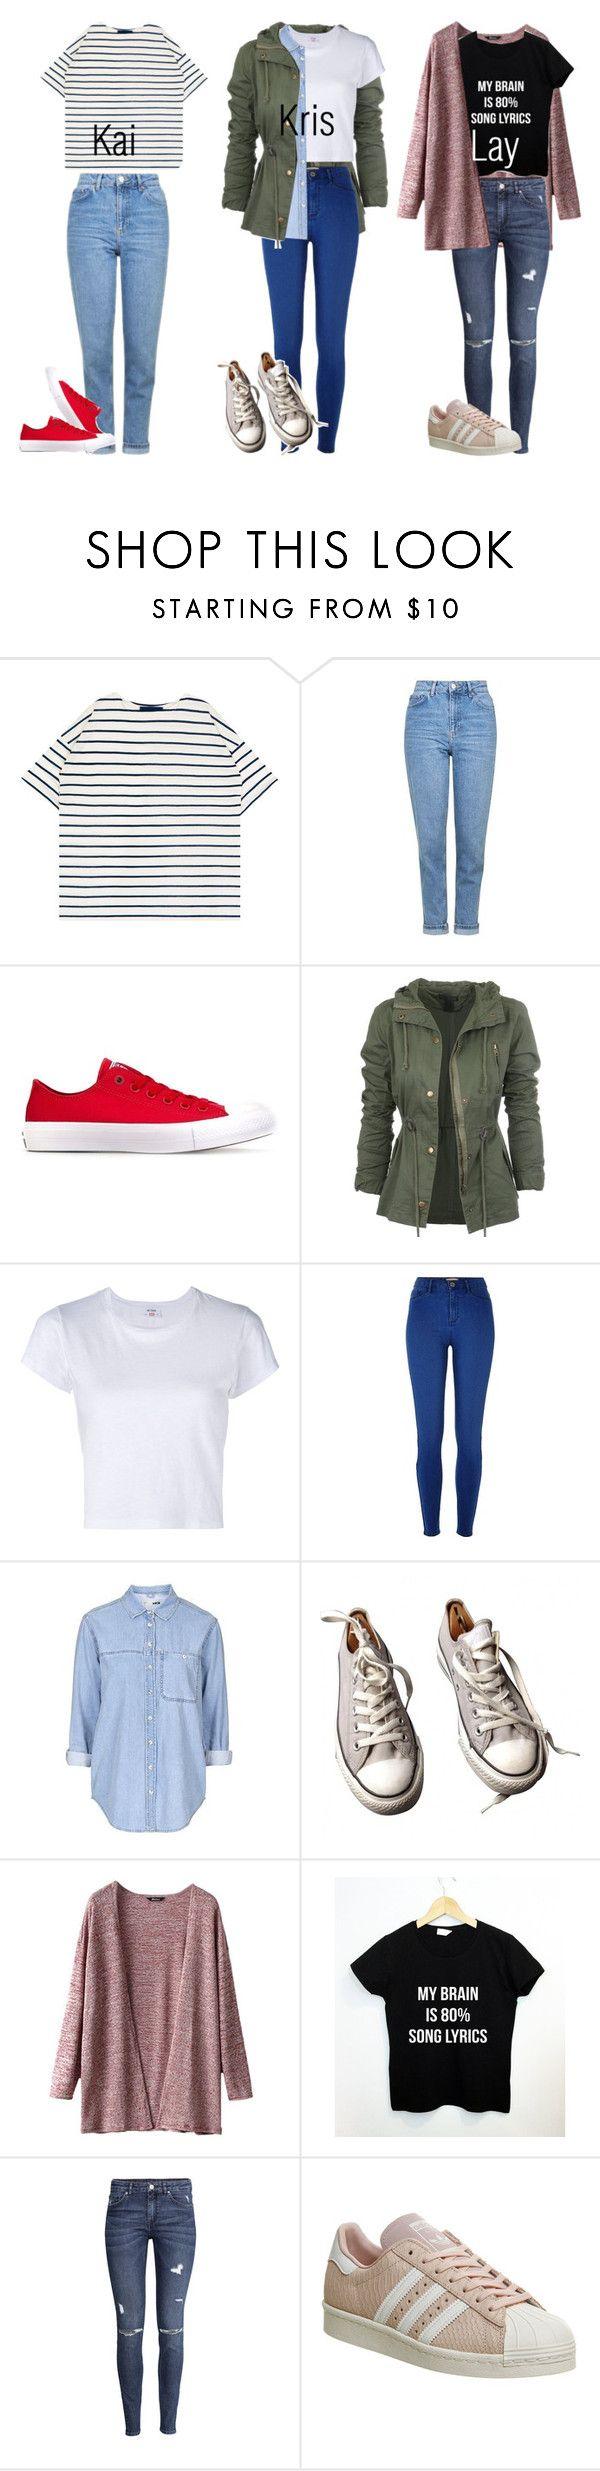 Blusa a rayas, pantalon nuevo claro, tenis rojos